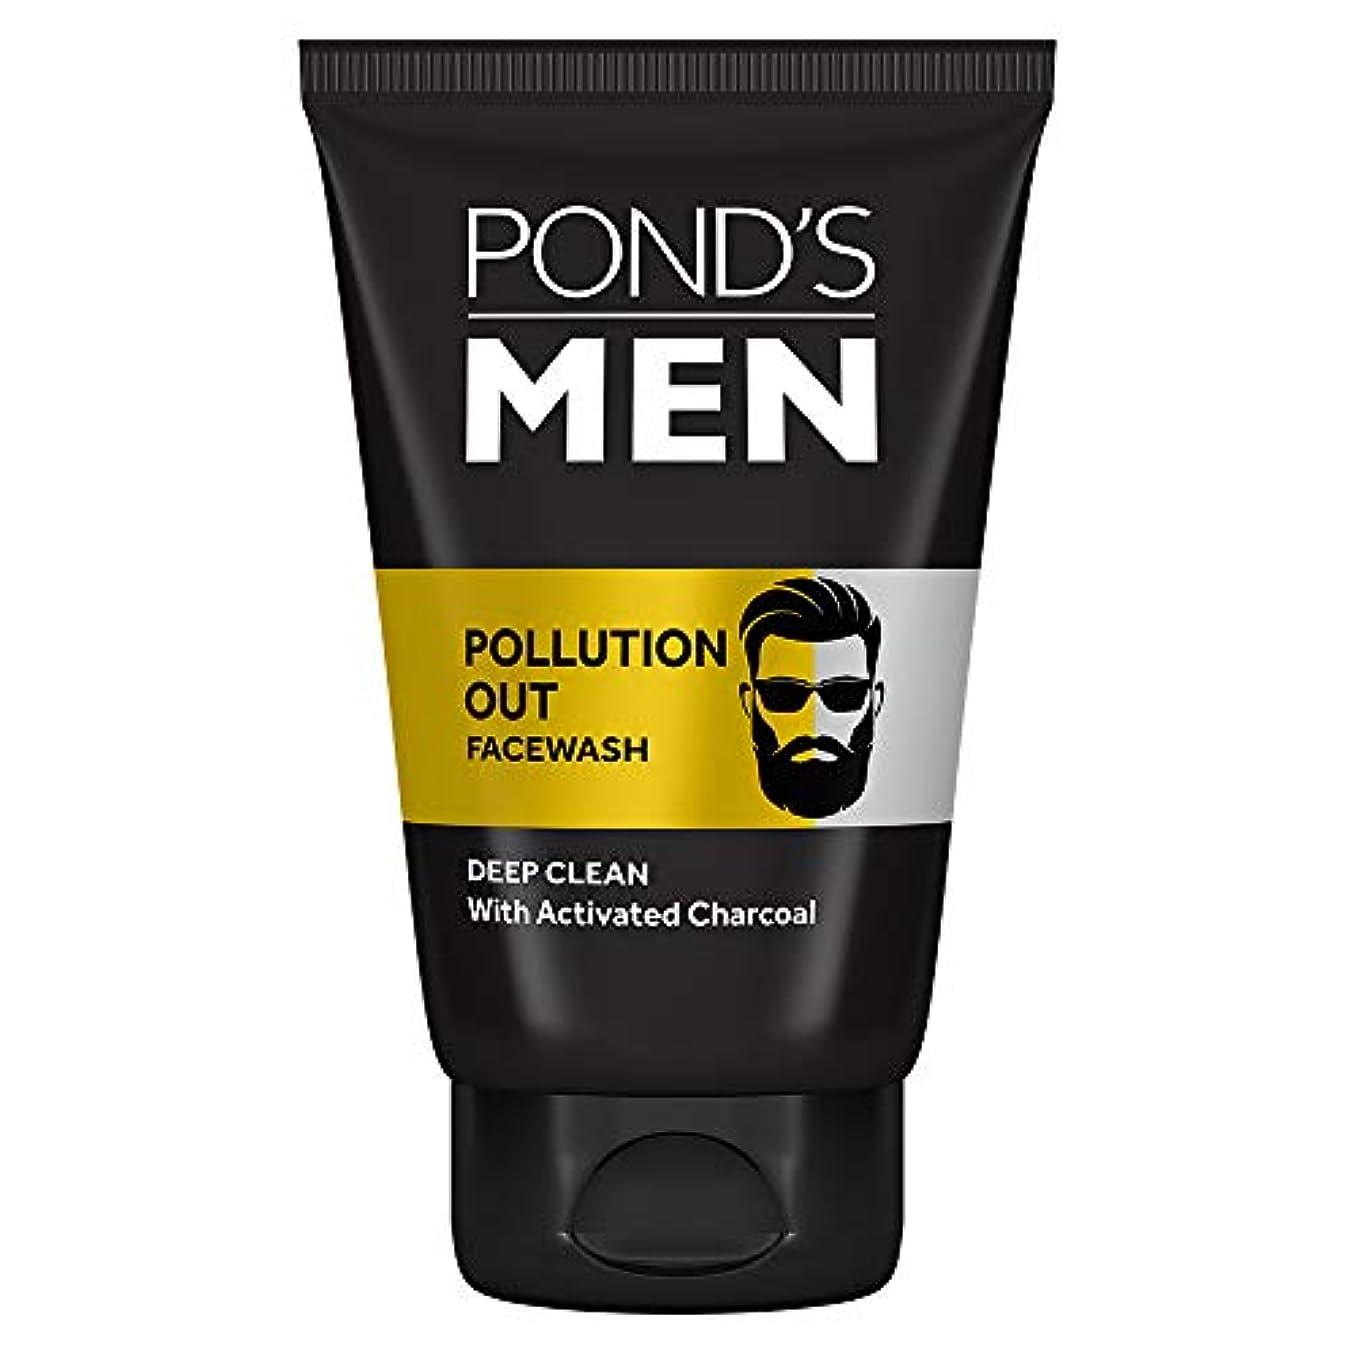 調子火山学手書きPond's Men Pollution Out Face Wash, Feel Fresh 100gm